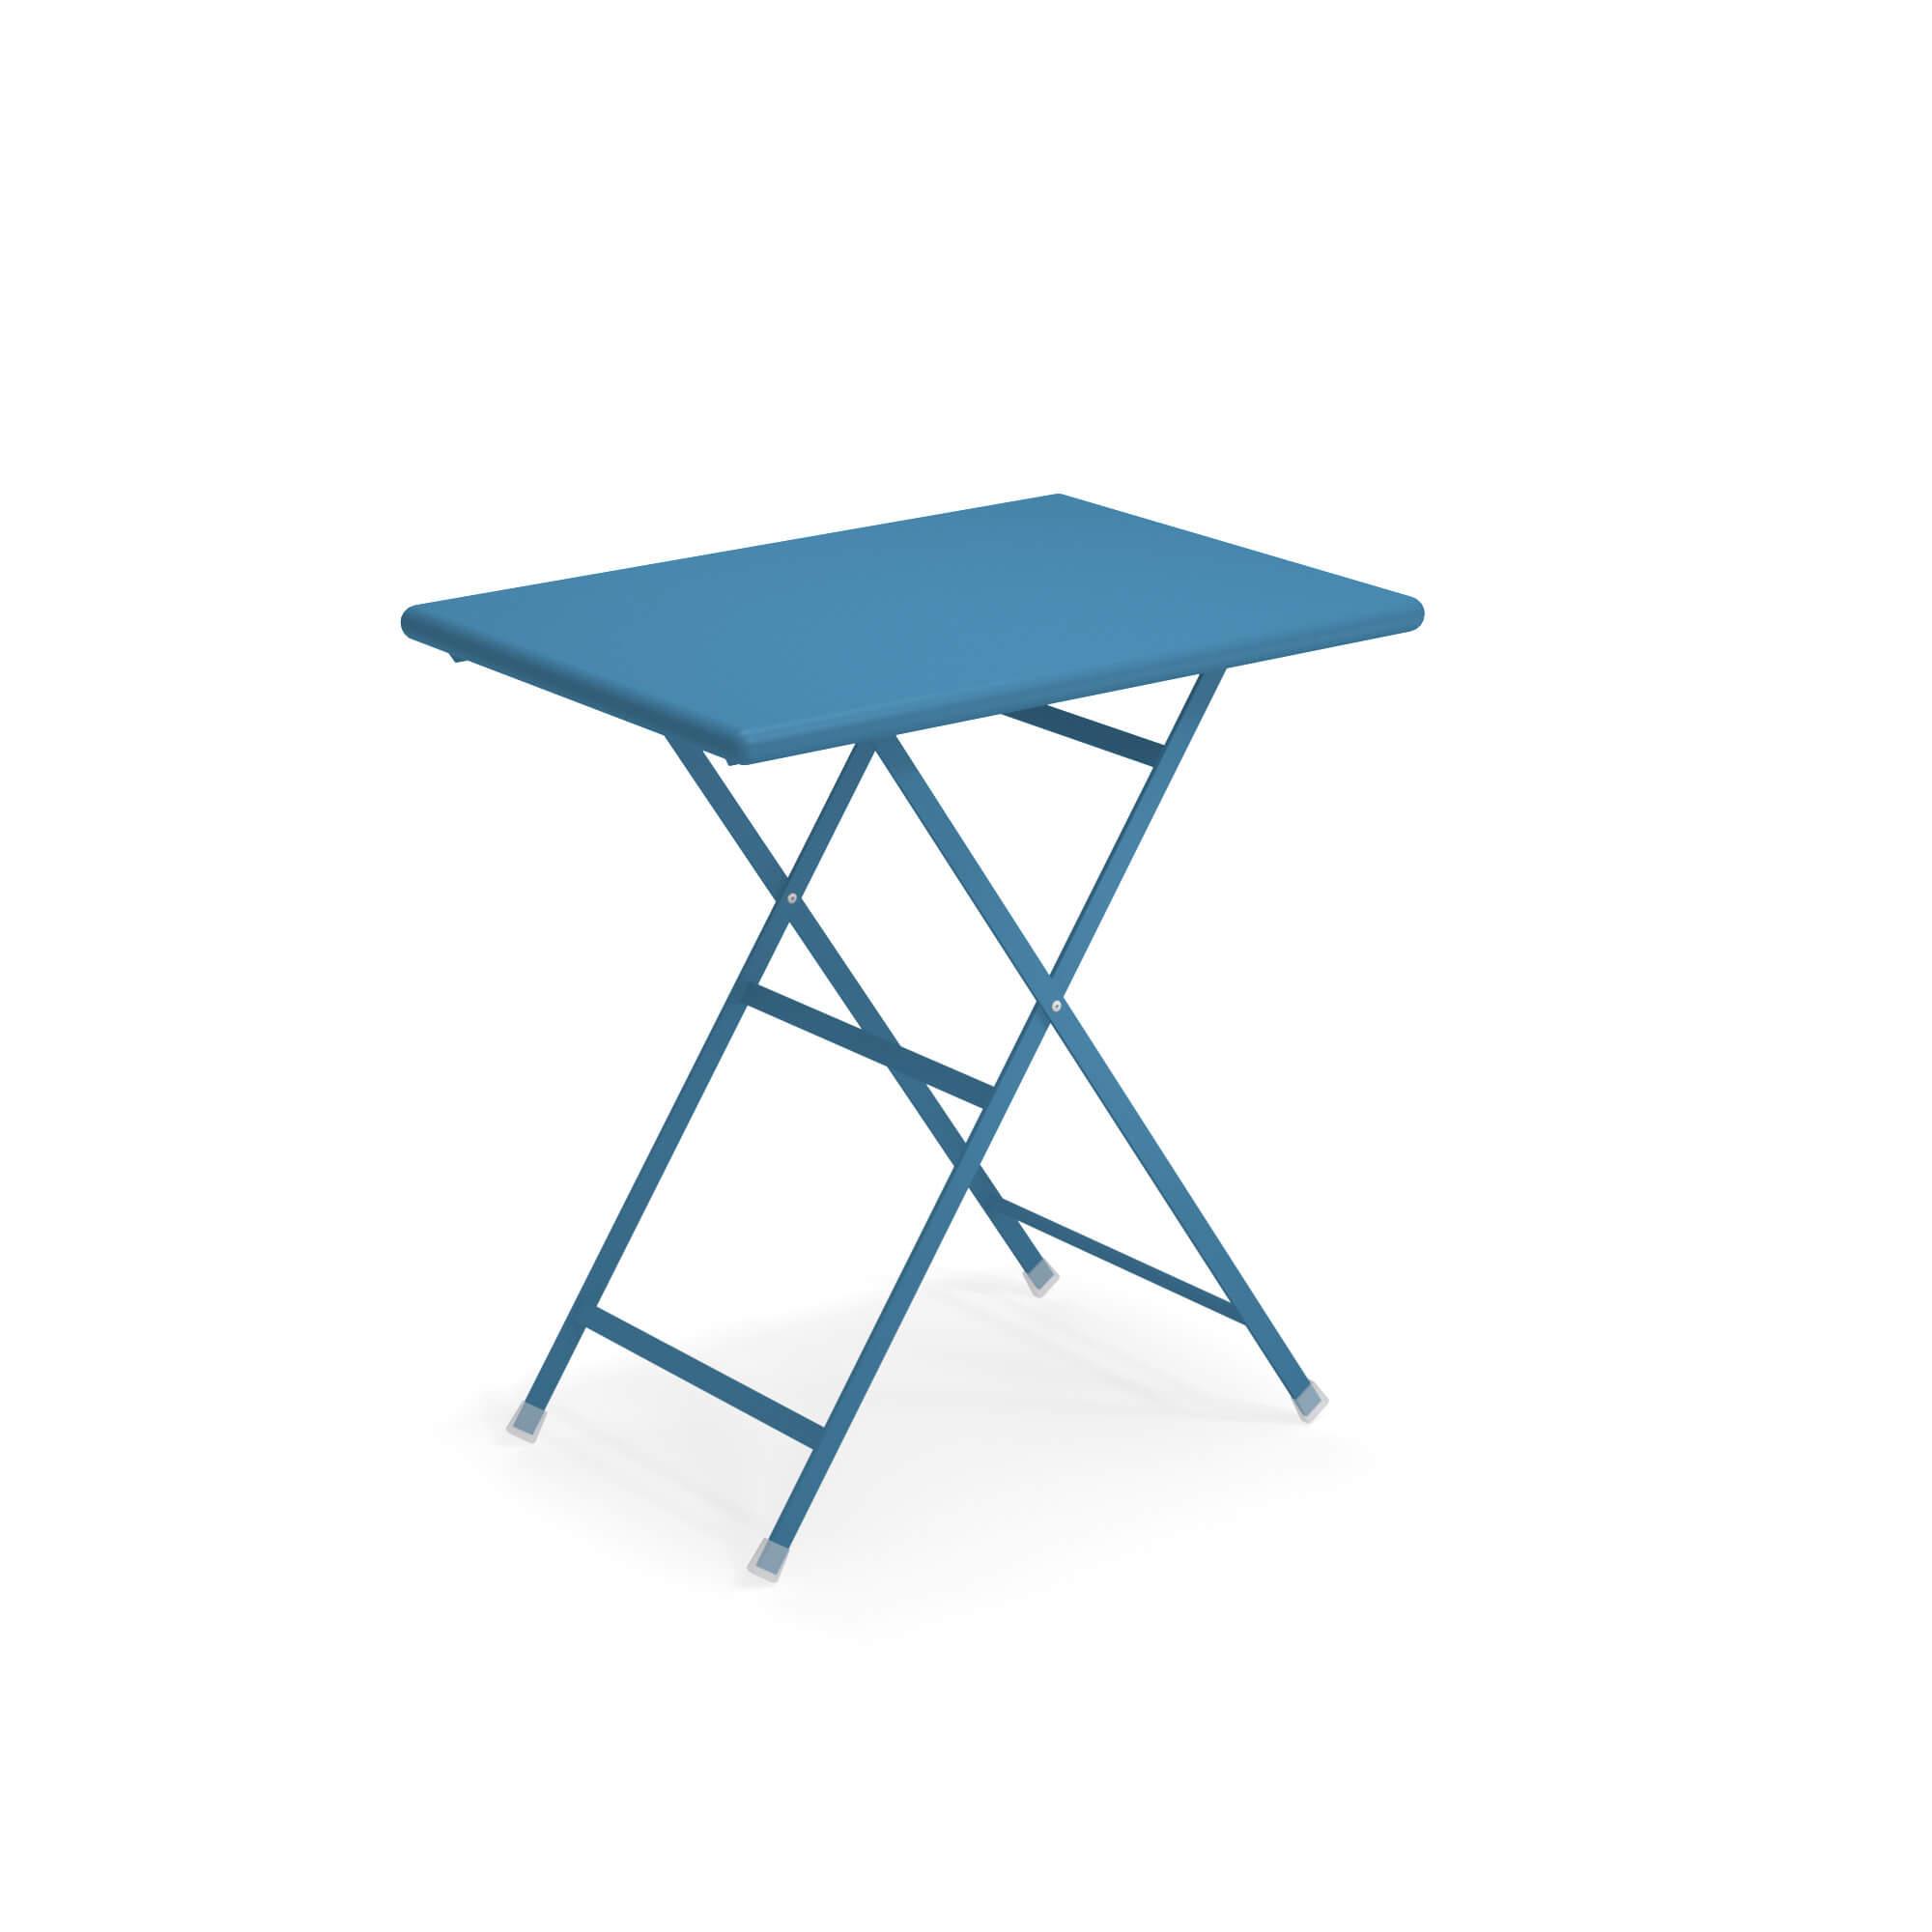 promo tavolo arc en ciel 70 azzurro di emu